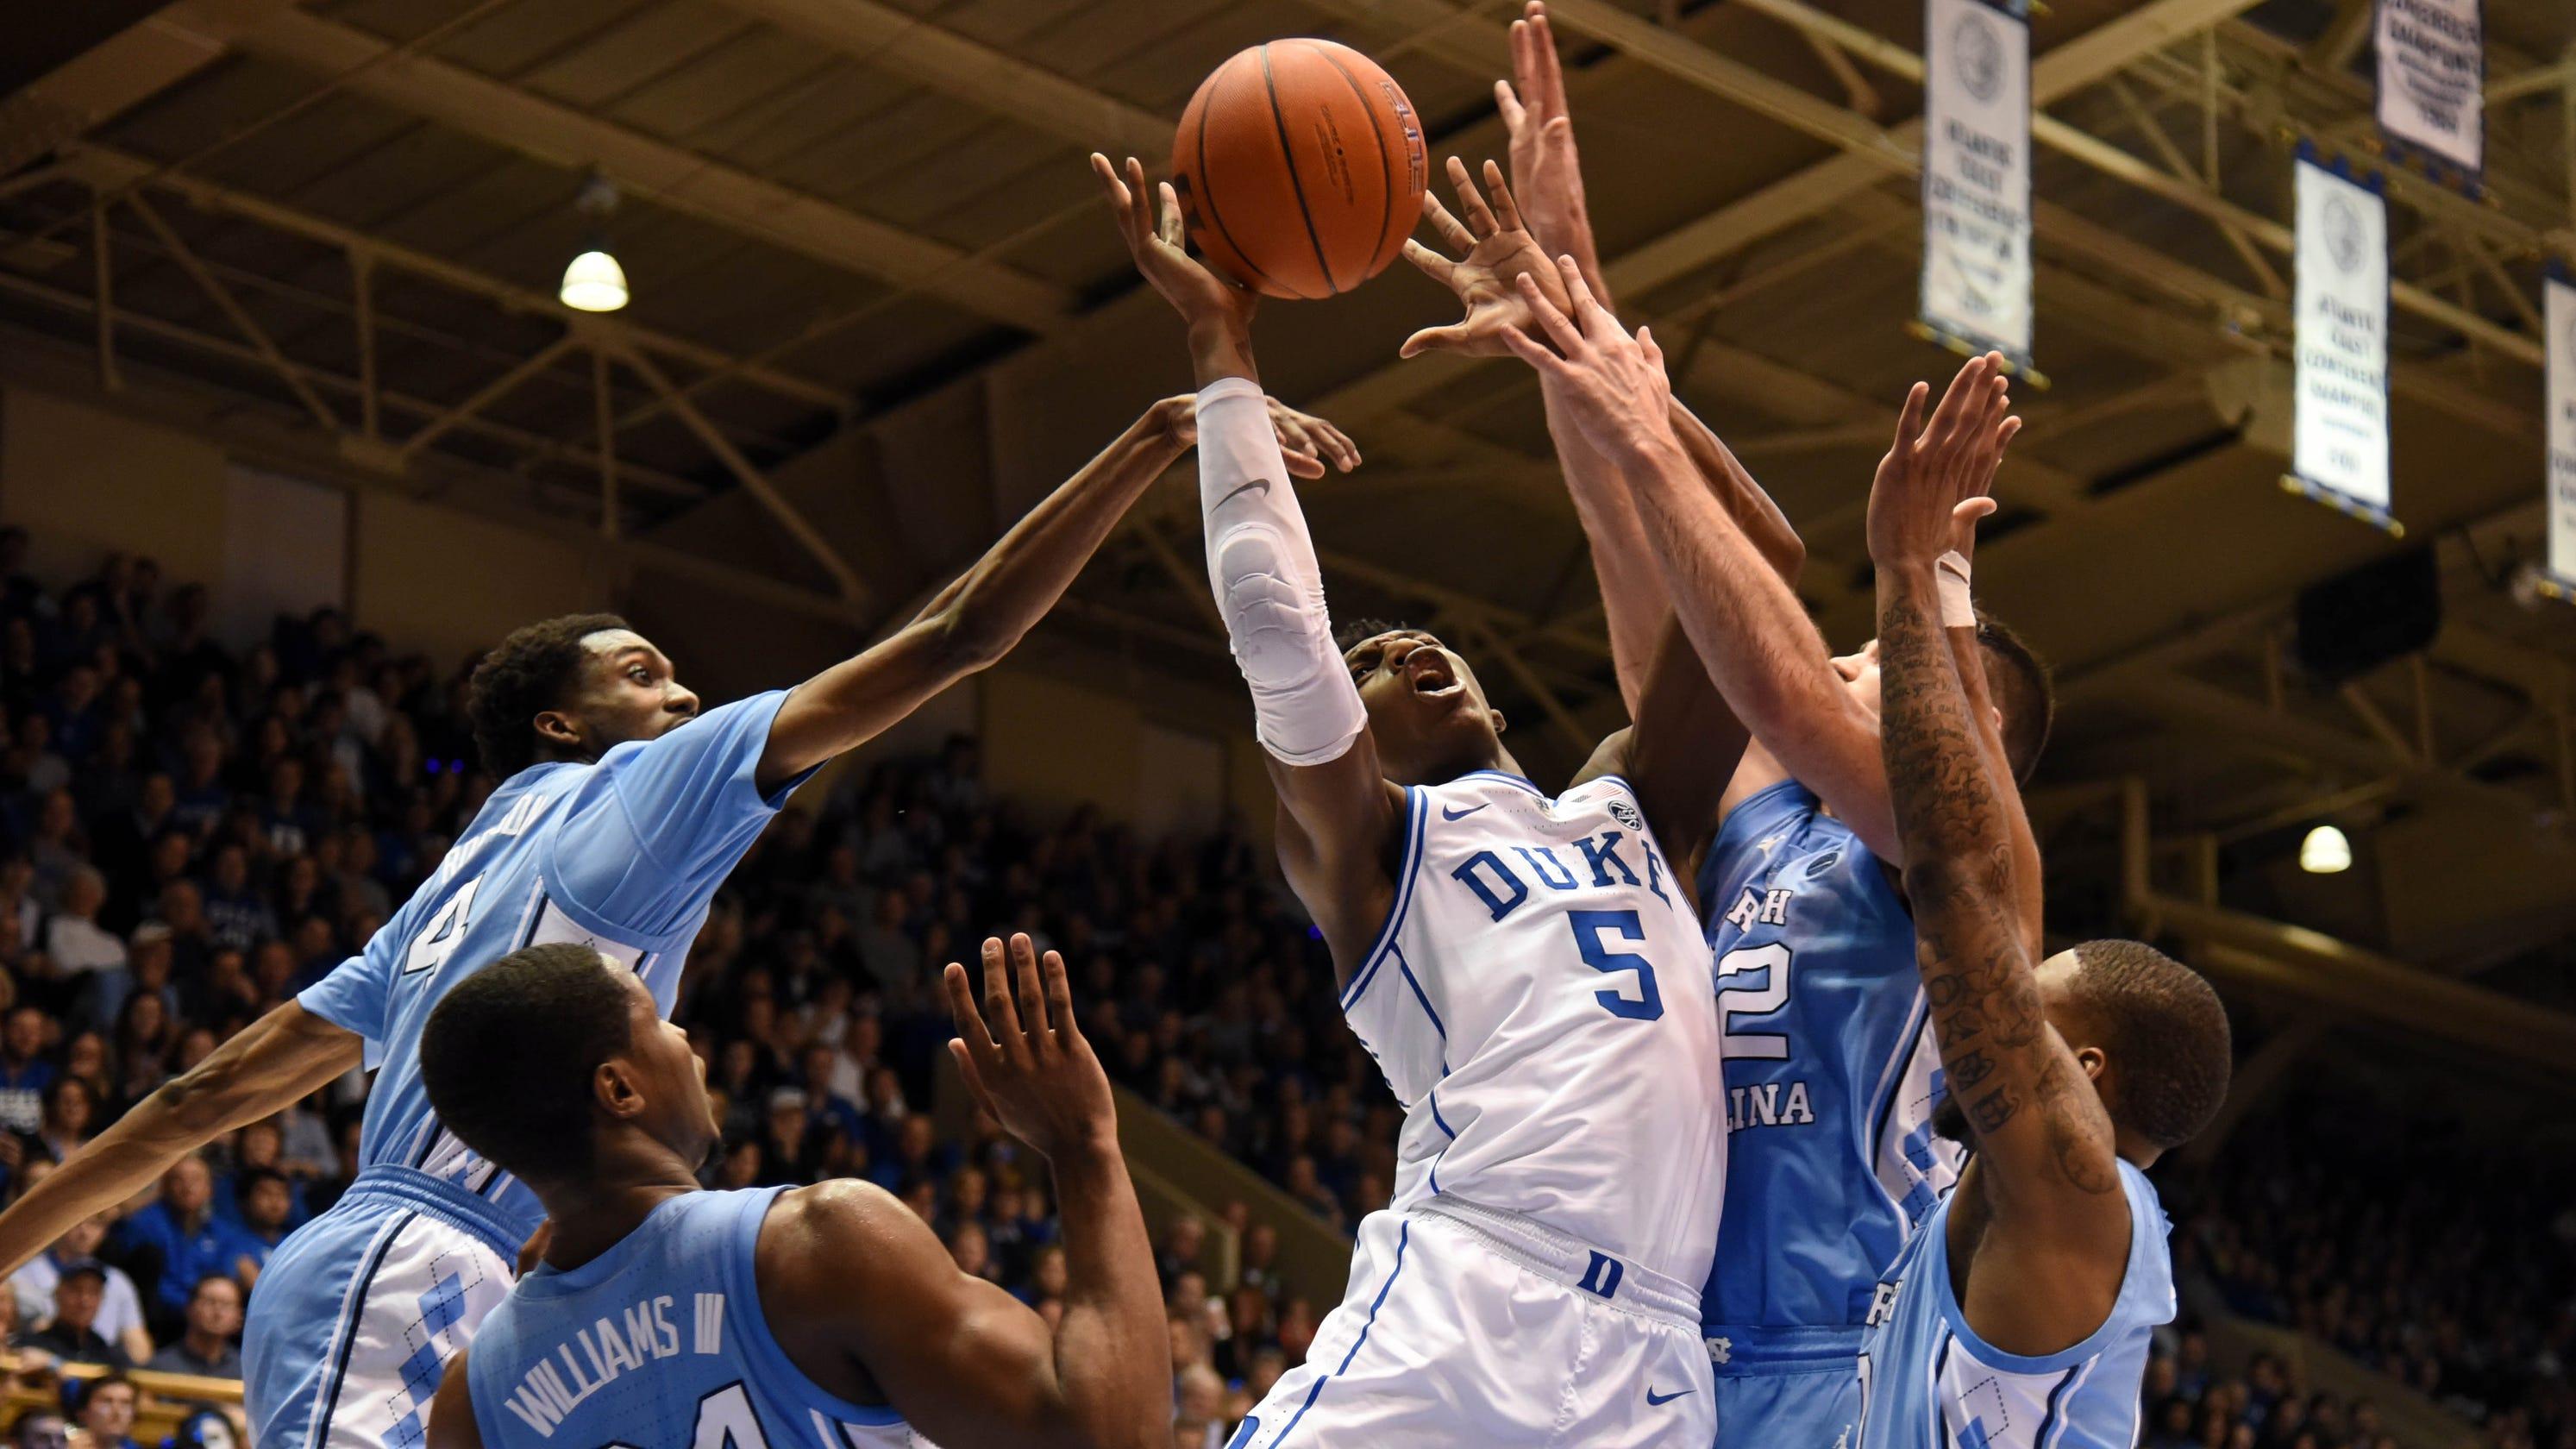 Duke-North Carolina Tops College Basketball Weekend In